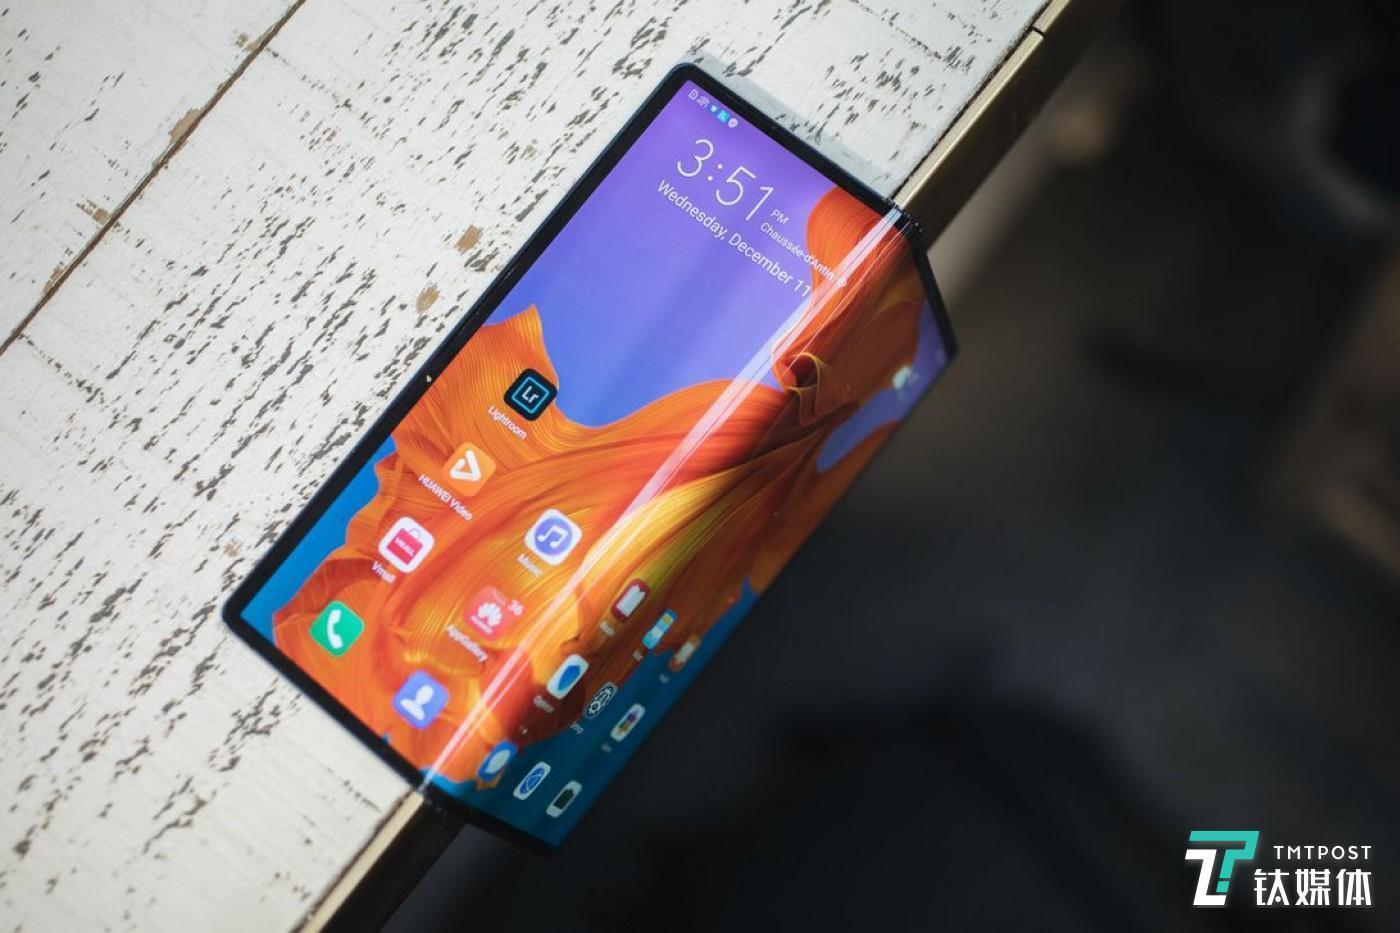 2月24日,2019世界移动通信大会,华为发布首款5G可折叠屏手机Mate X。(图/ Andrew Hoyle CNET)